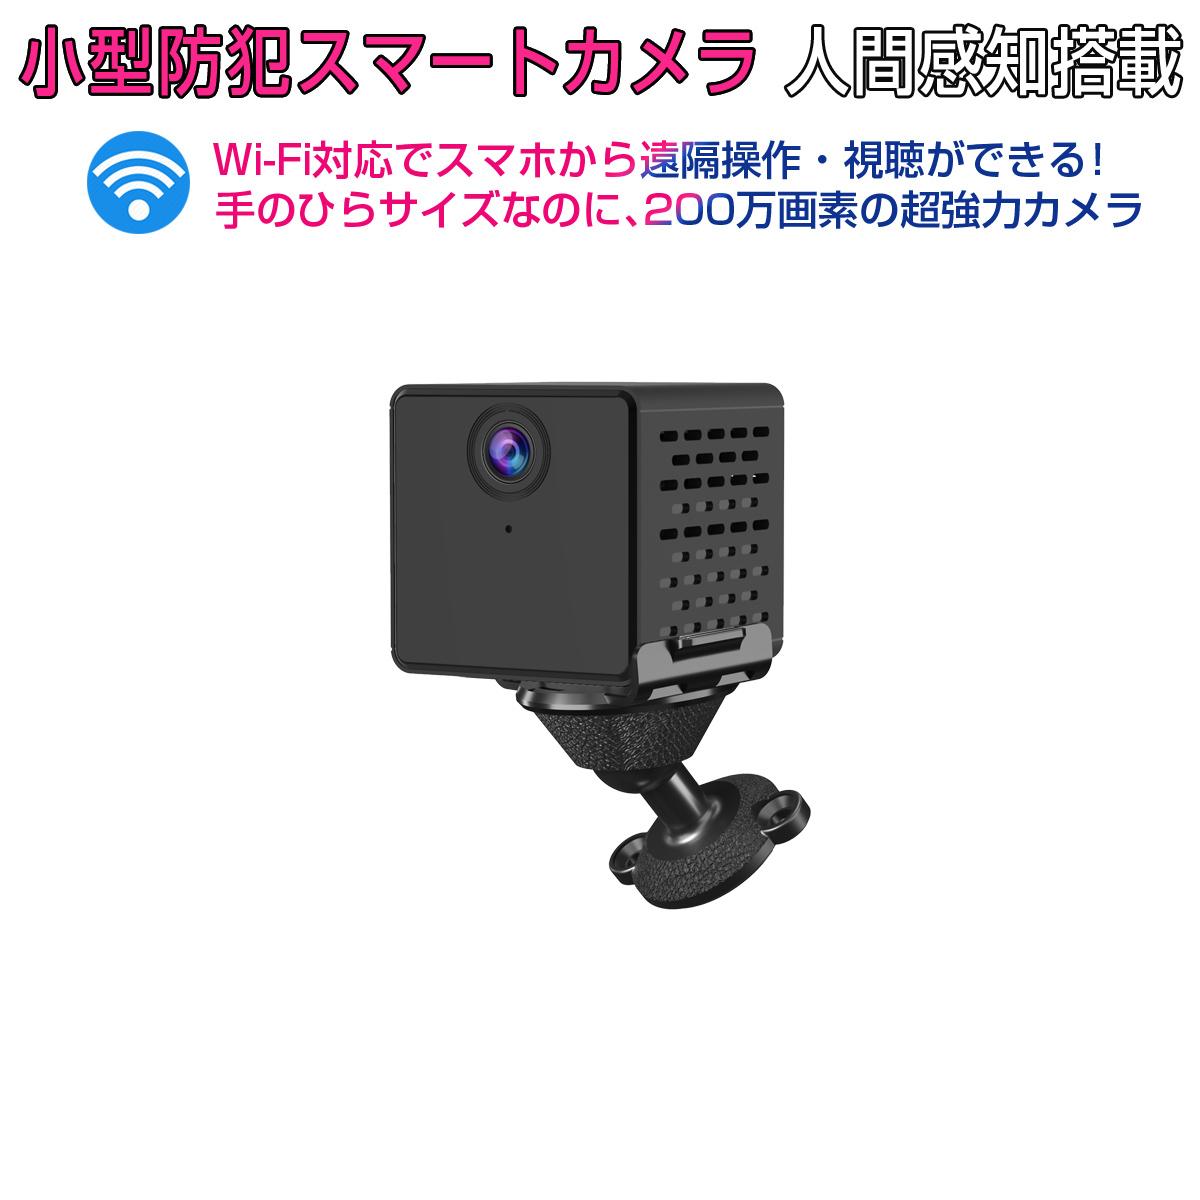 小型 防犯カメラ ワイヤレス CB73 VStarcam フルHD 2K 1080P 200万画素 高画質 wifi 無線 MicroSDカード録画 録音 ネット環境なくても電源繋ぐだけ 遠隔監視 防犯 証拠 泥棒 浮気 横領 DV 恐喝 現場 IP カメラ 宅配便送料無料 6ヶ月保証